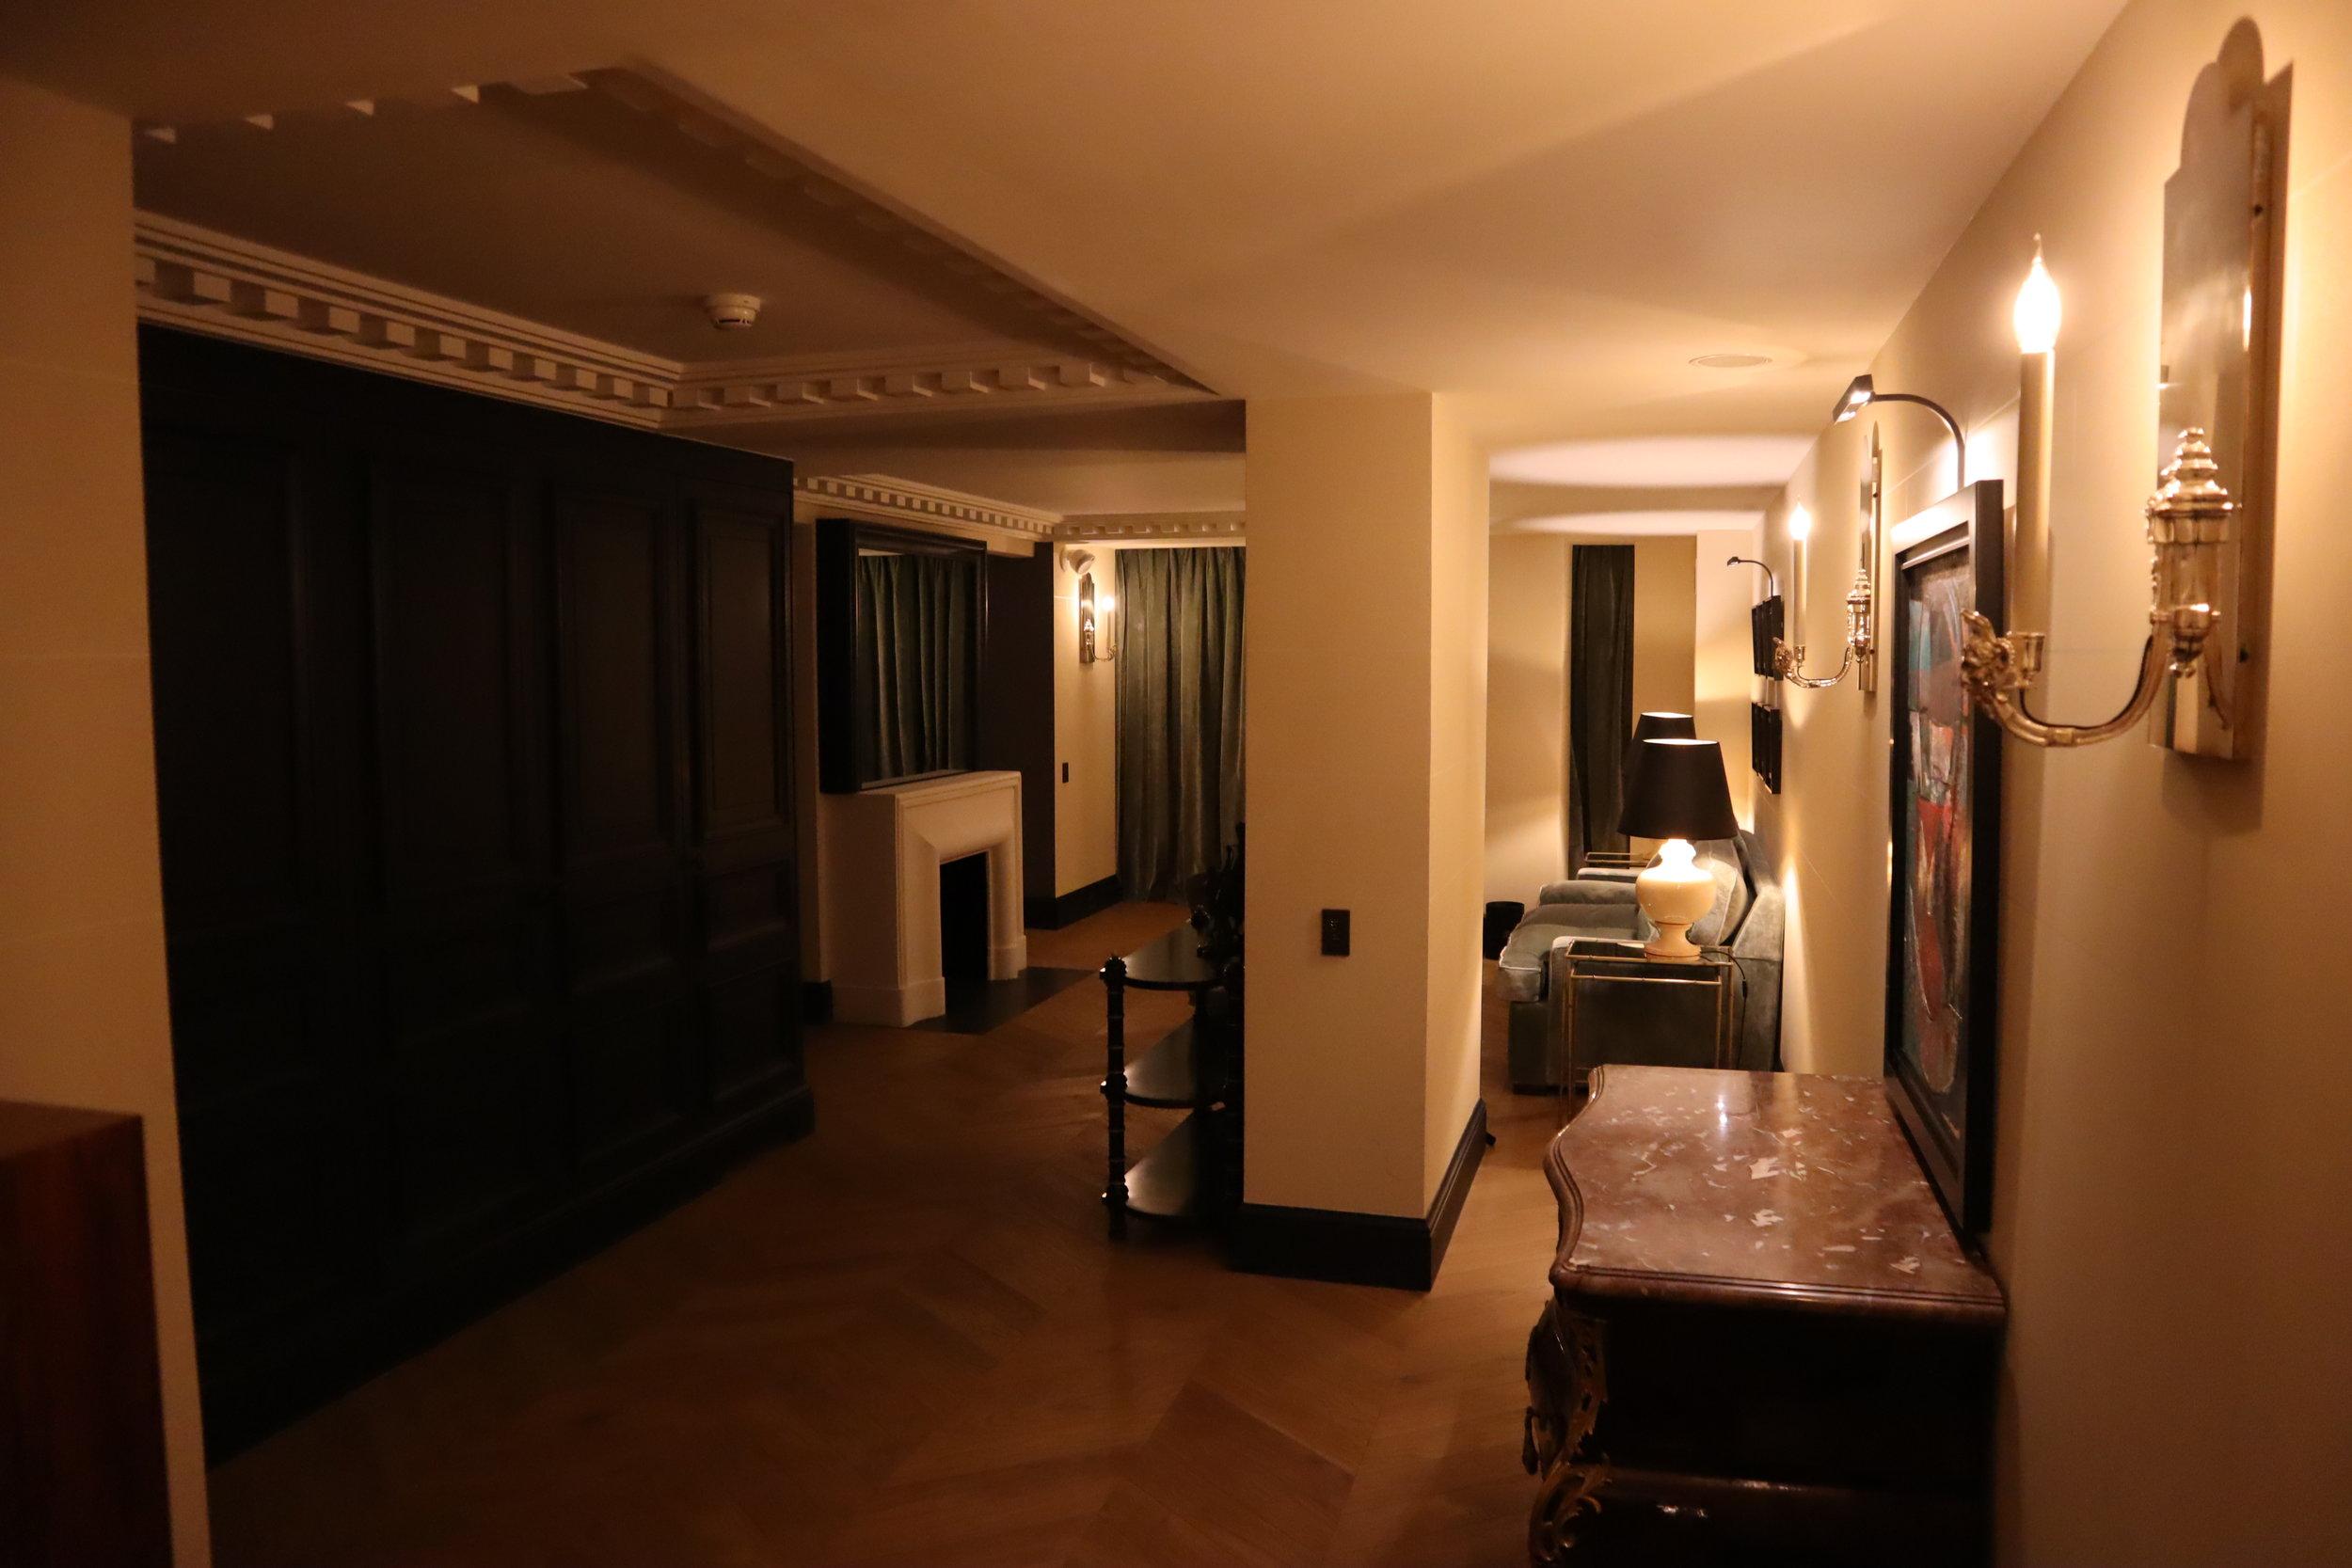 Hôtel de Berri Paris – Berri Suite foyer